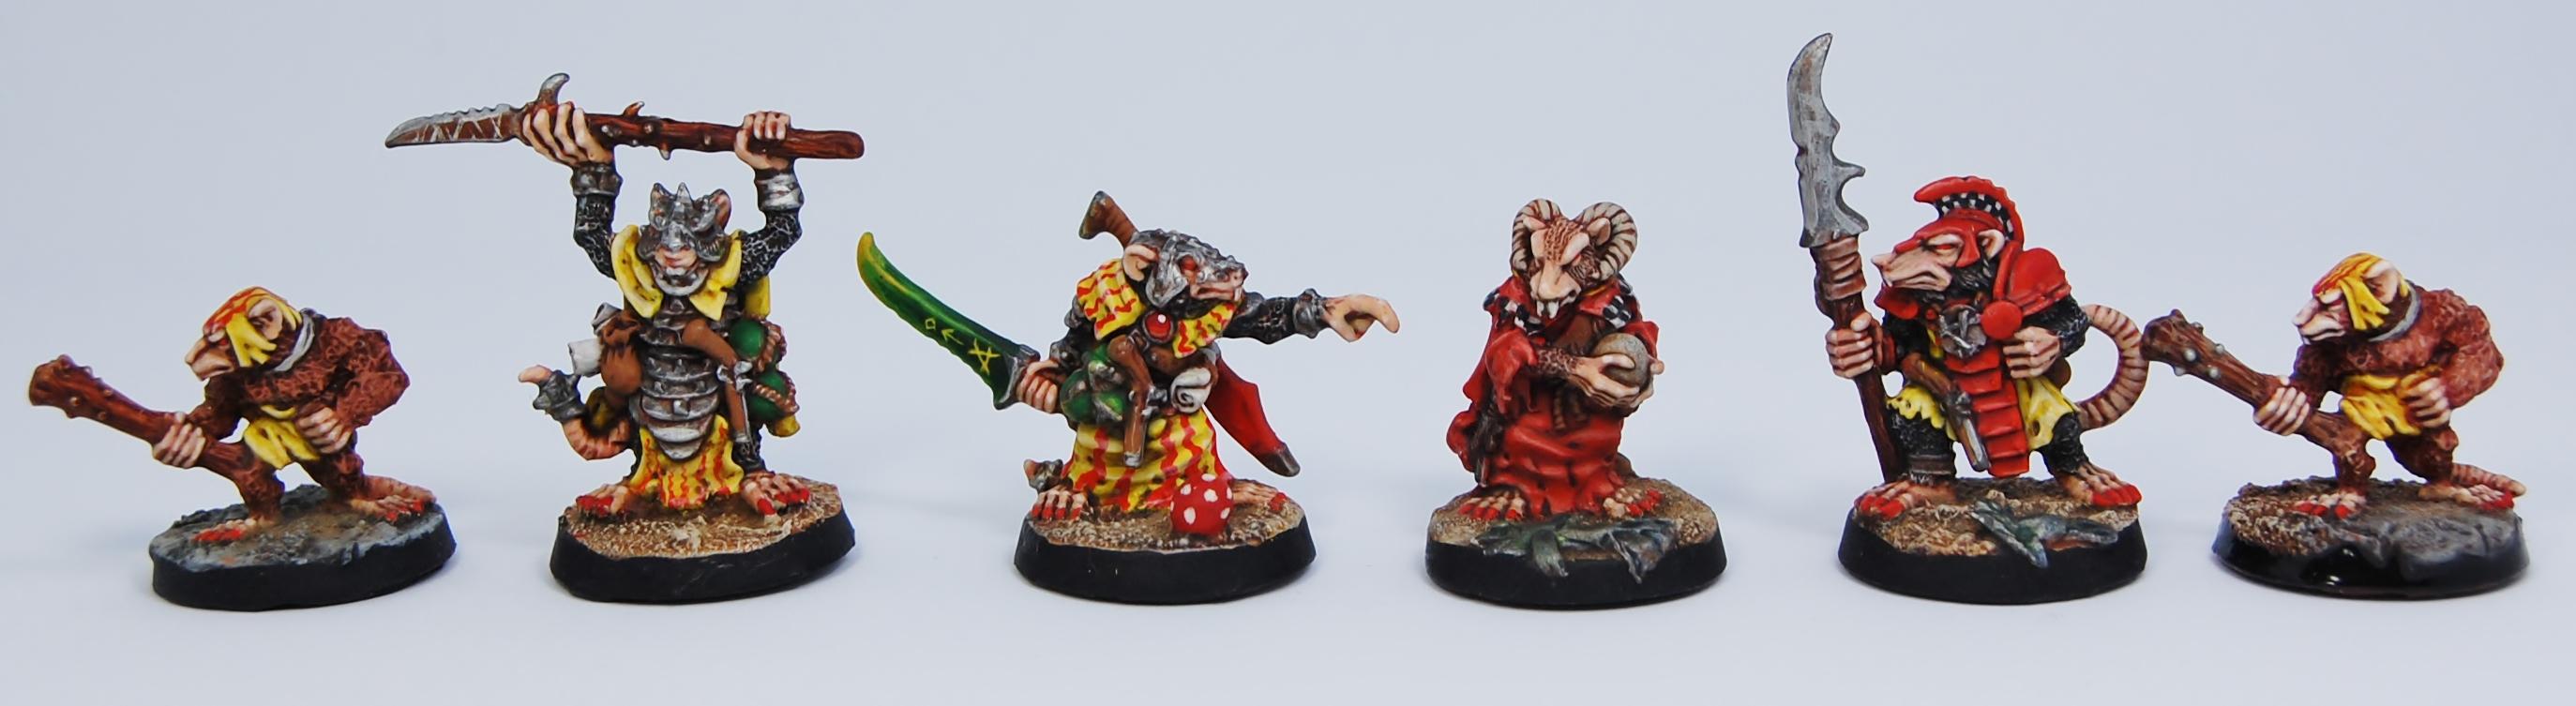 Mordheim Skaven Clan Scrutens Heroes